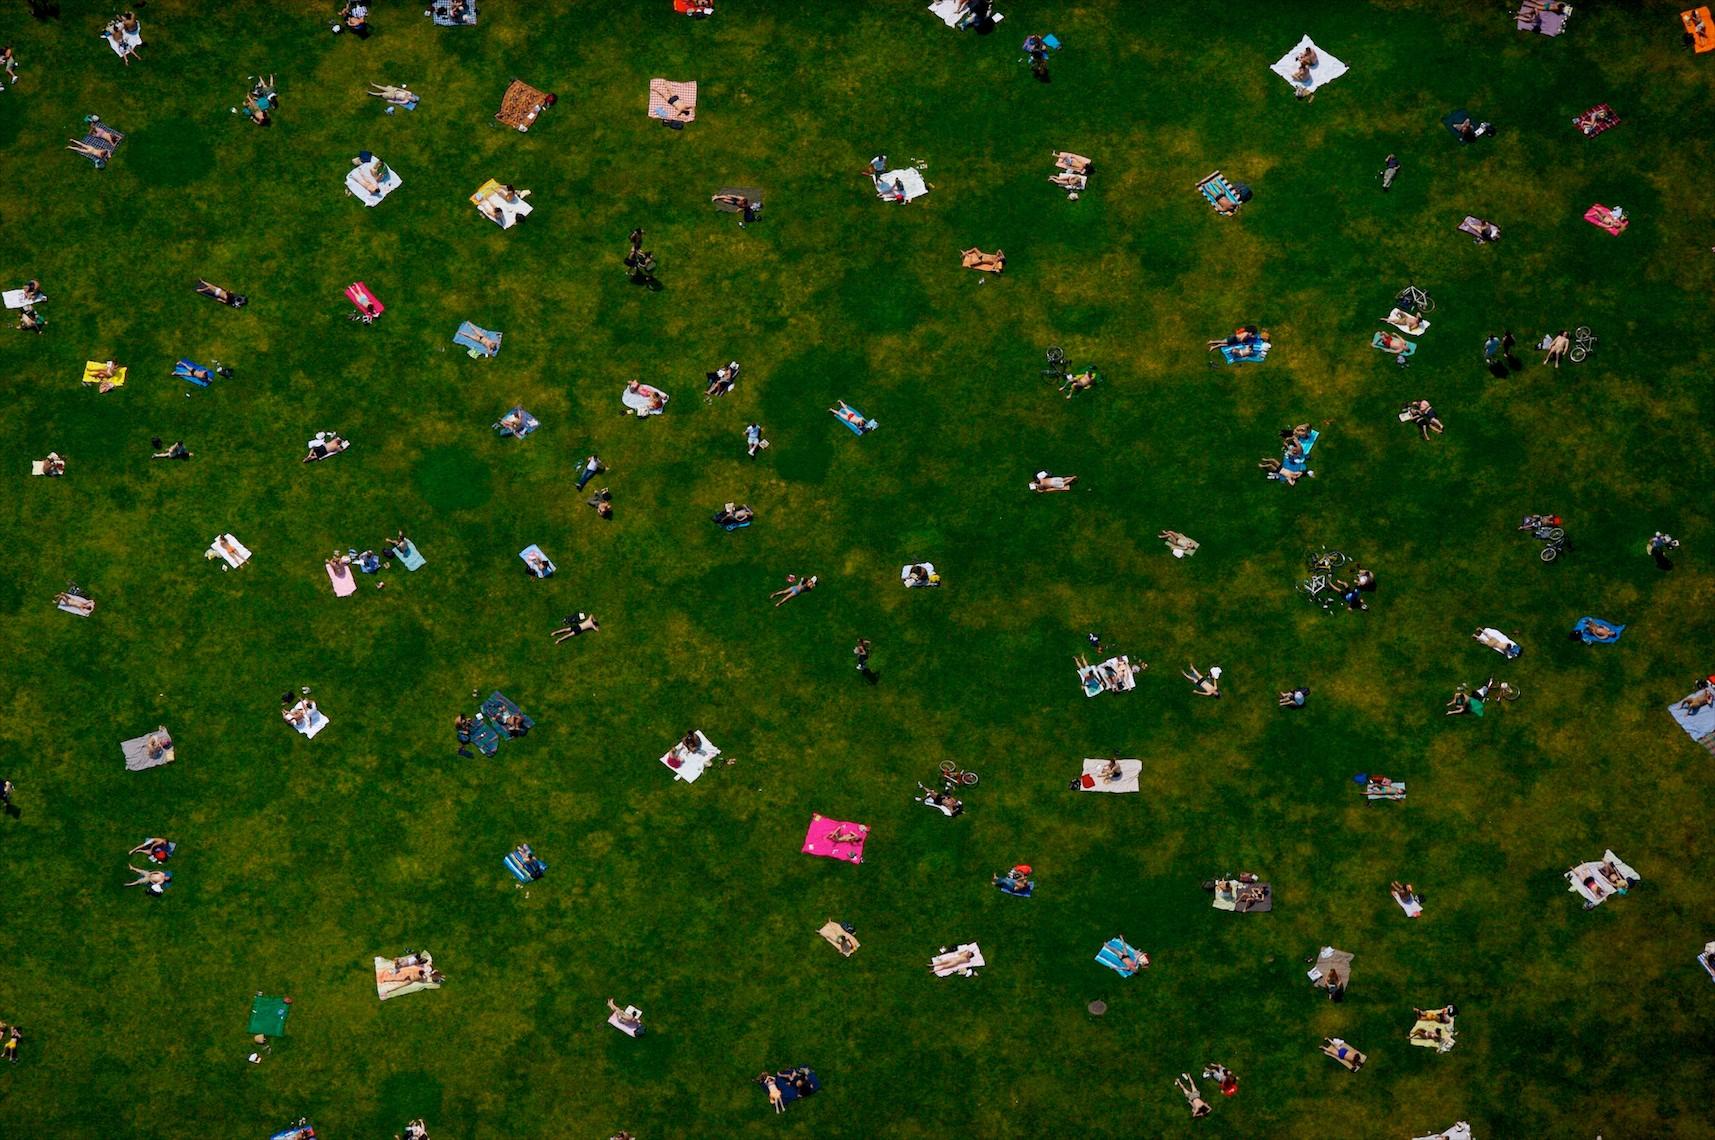 Vista aerea de Bryant Park, New York City